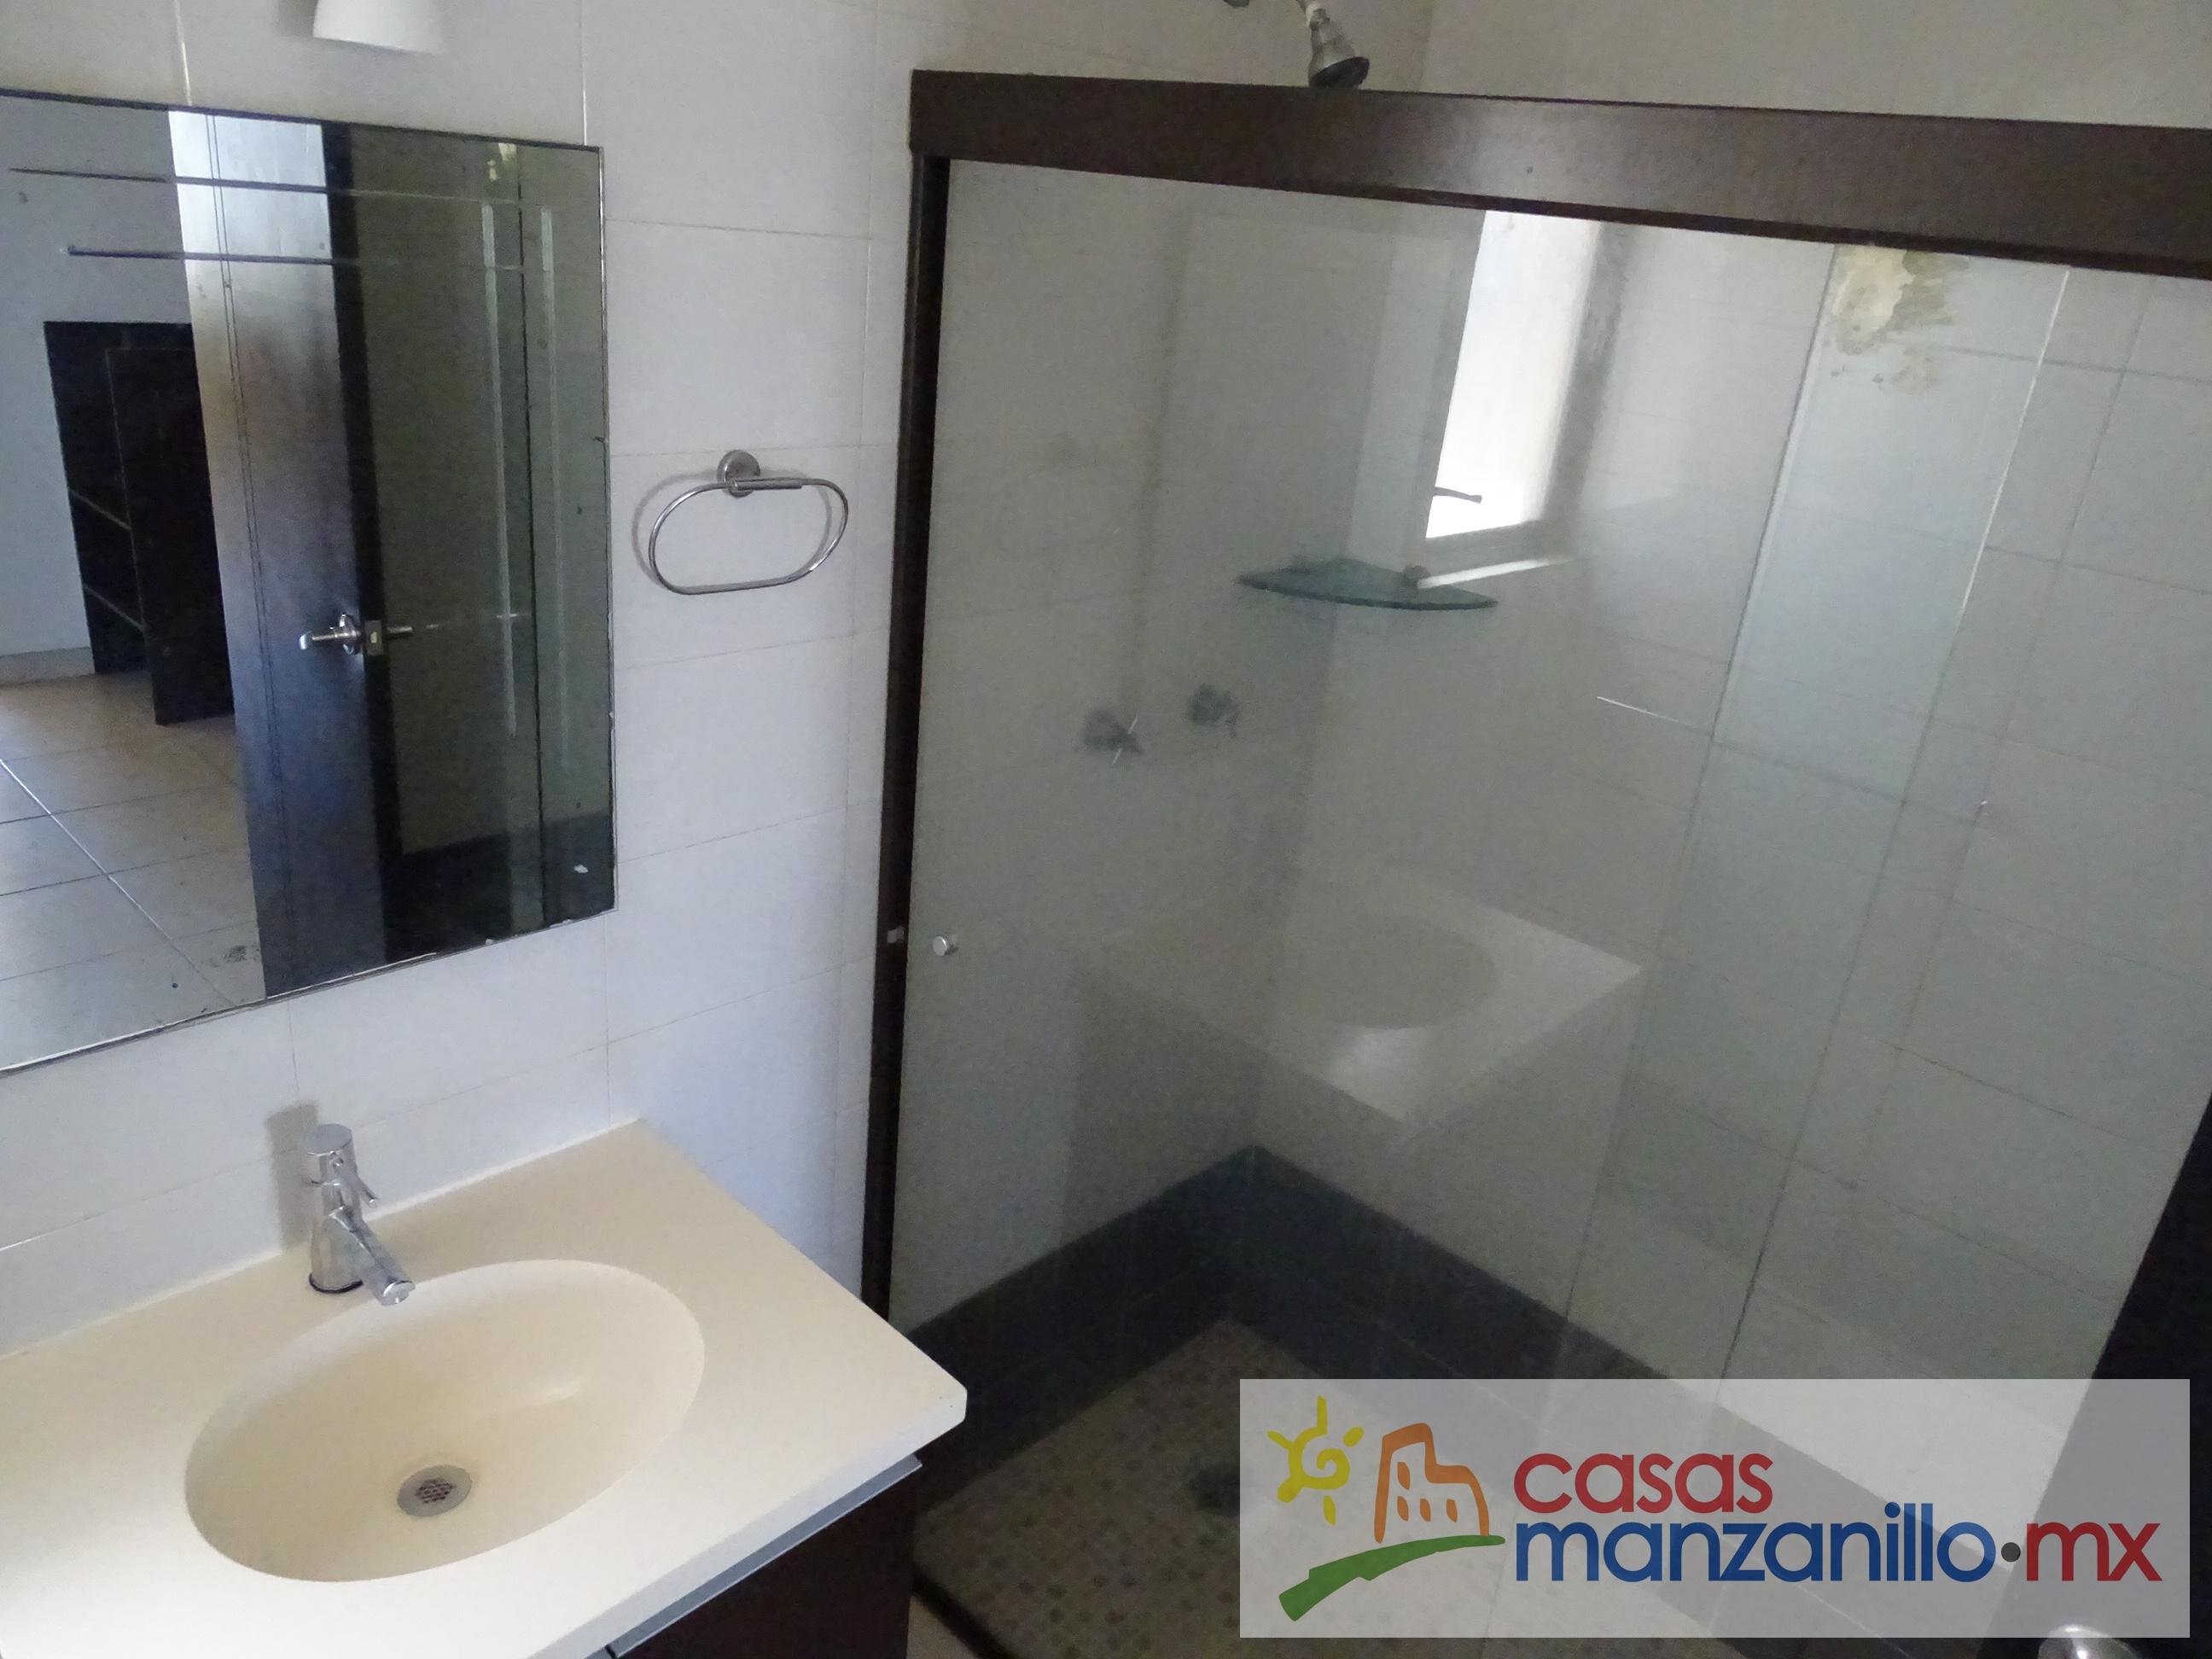 Casas RENTA Manzanillo - Almendros 3 (37